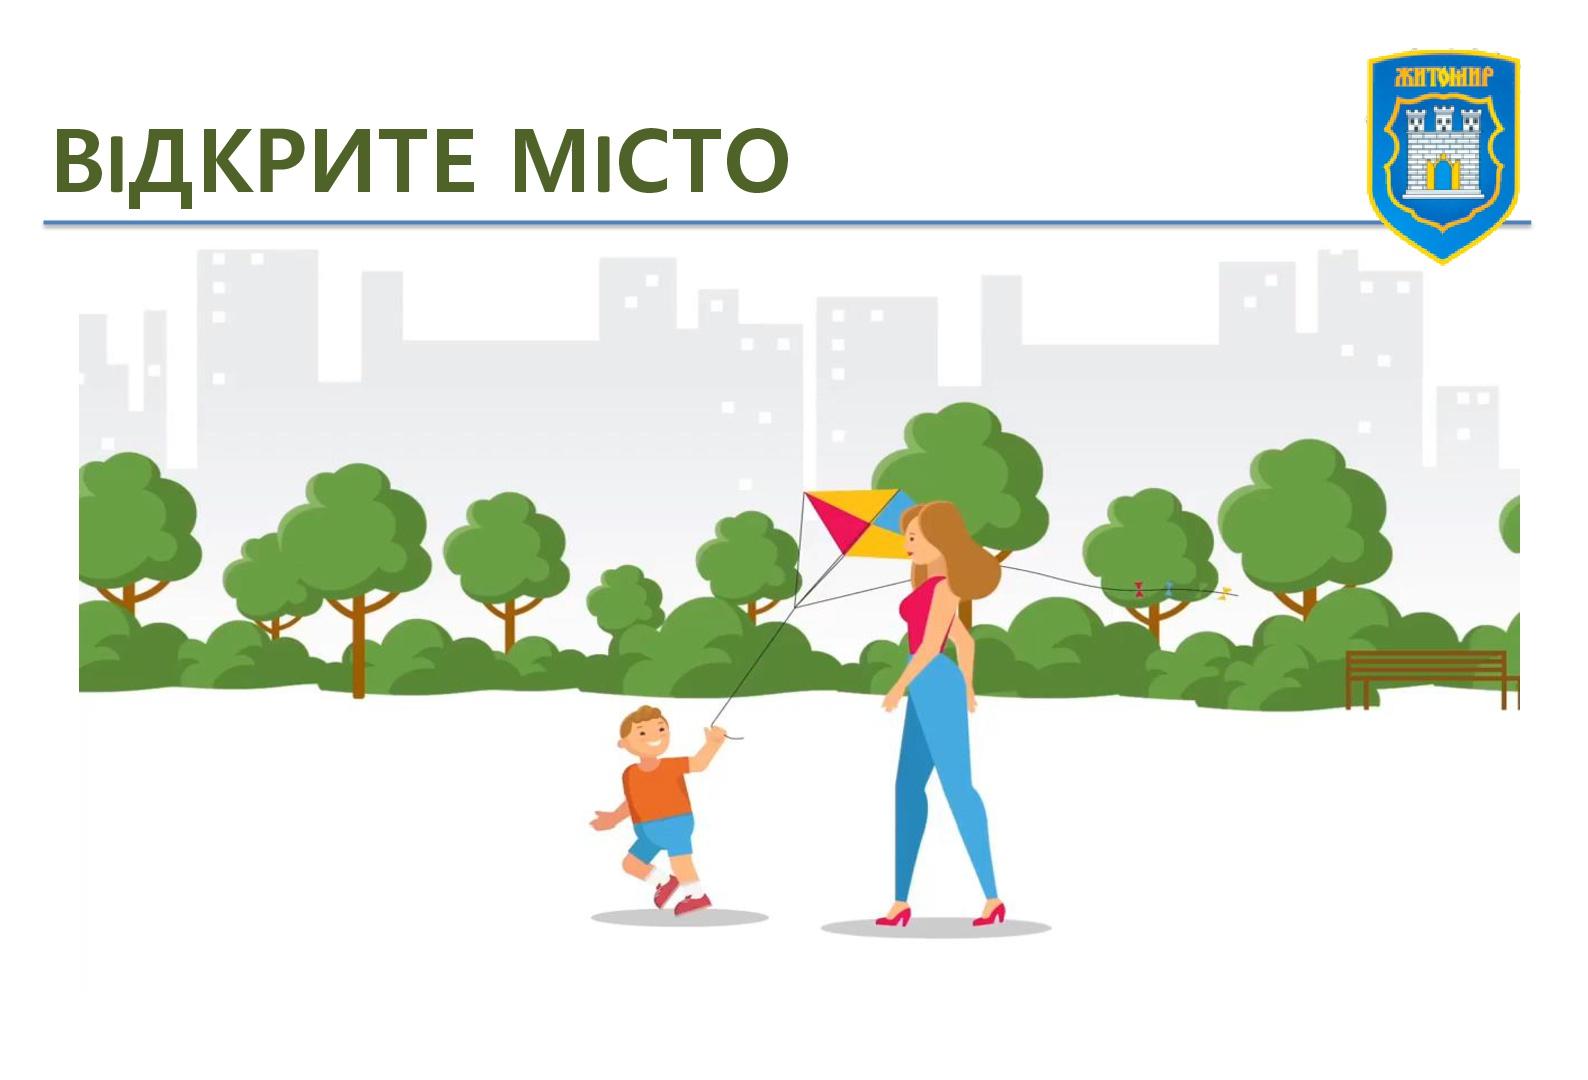 За 5 місяців роботи веб-платформи «Відкрите місто» в місті Житомирі вирішено більше 250 запитів мешканців